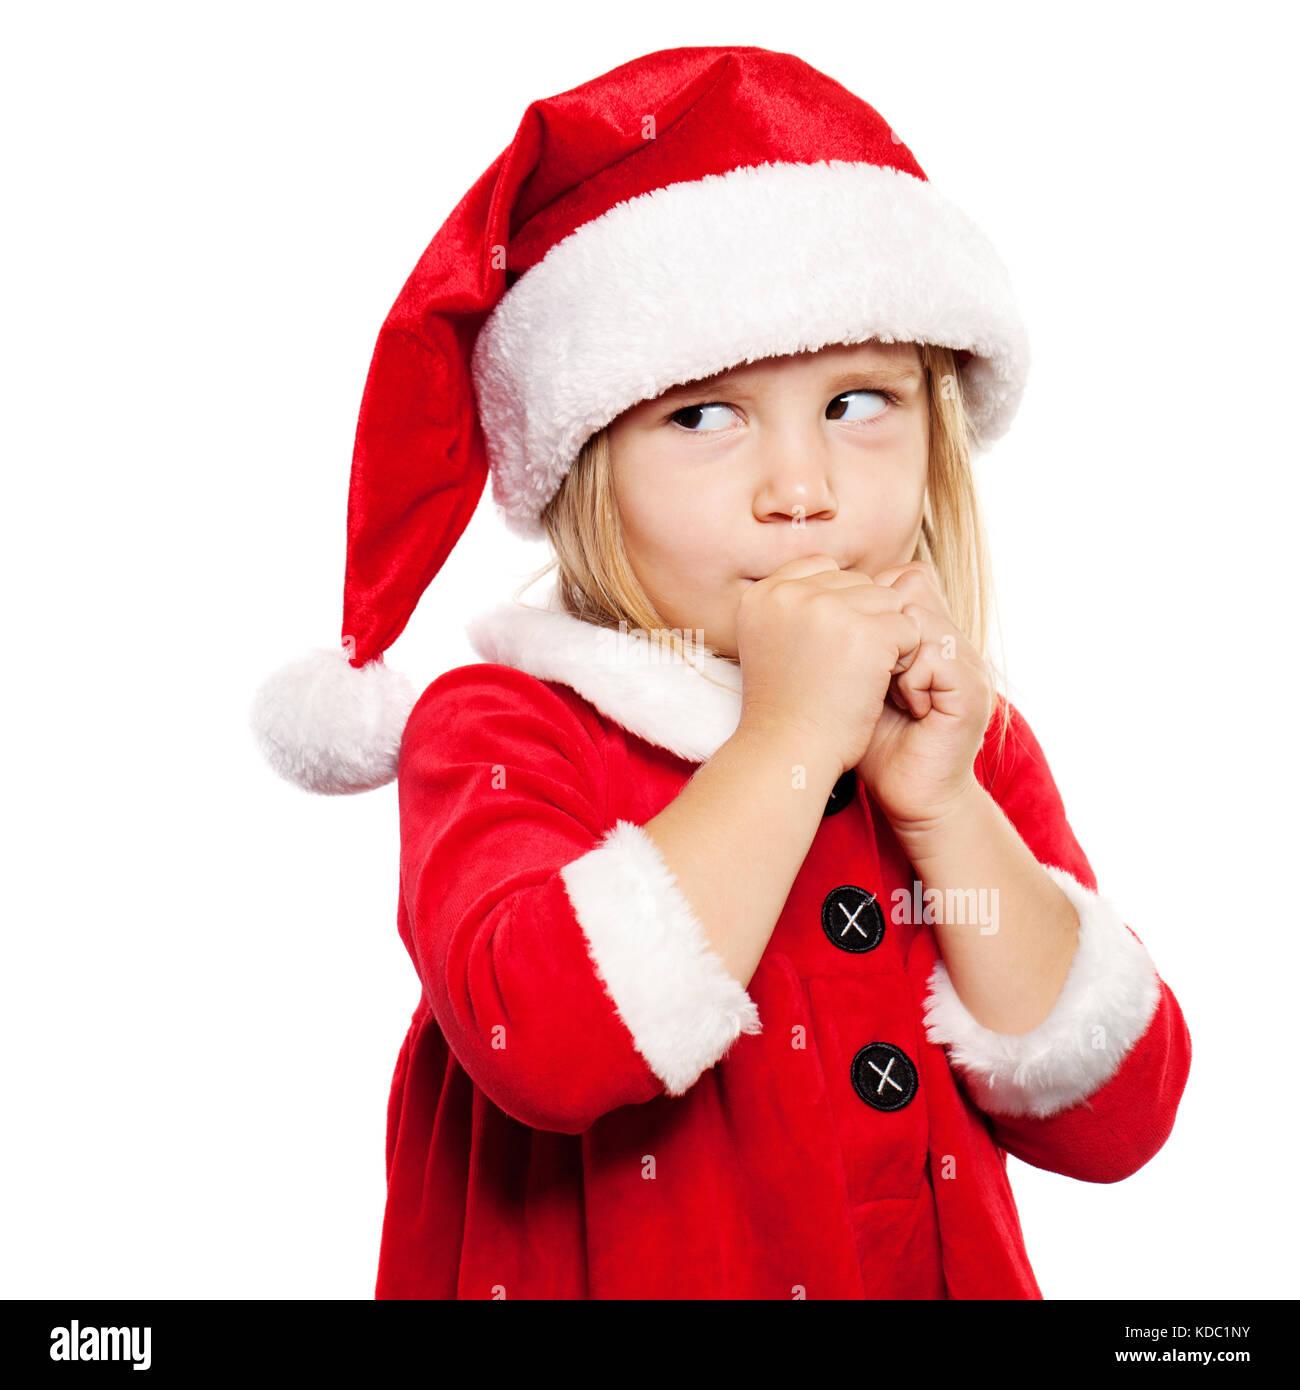 Kleines Mädchen in santa hut Traum auf Geschenke Weihnachten Kind ...